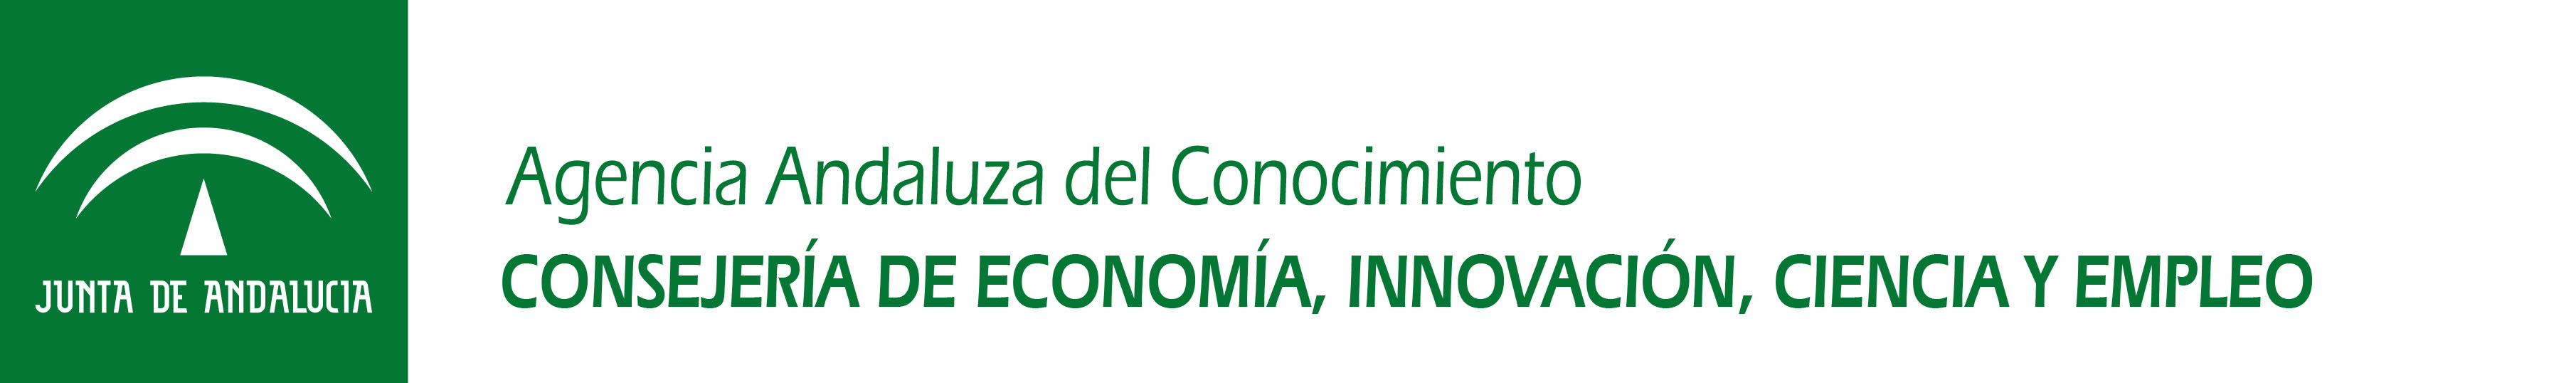 Agencia Andaluza del Conocimiento